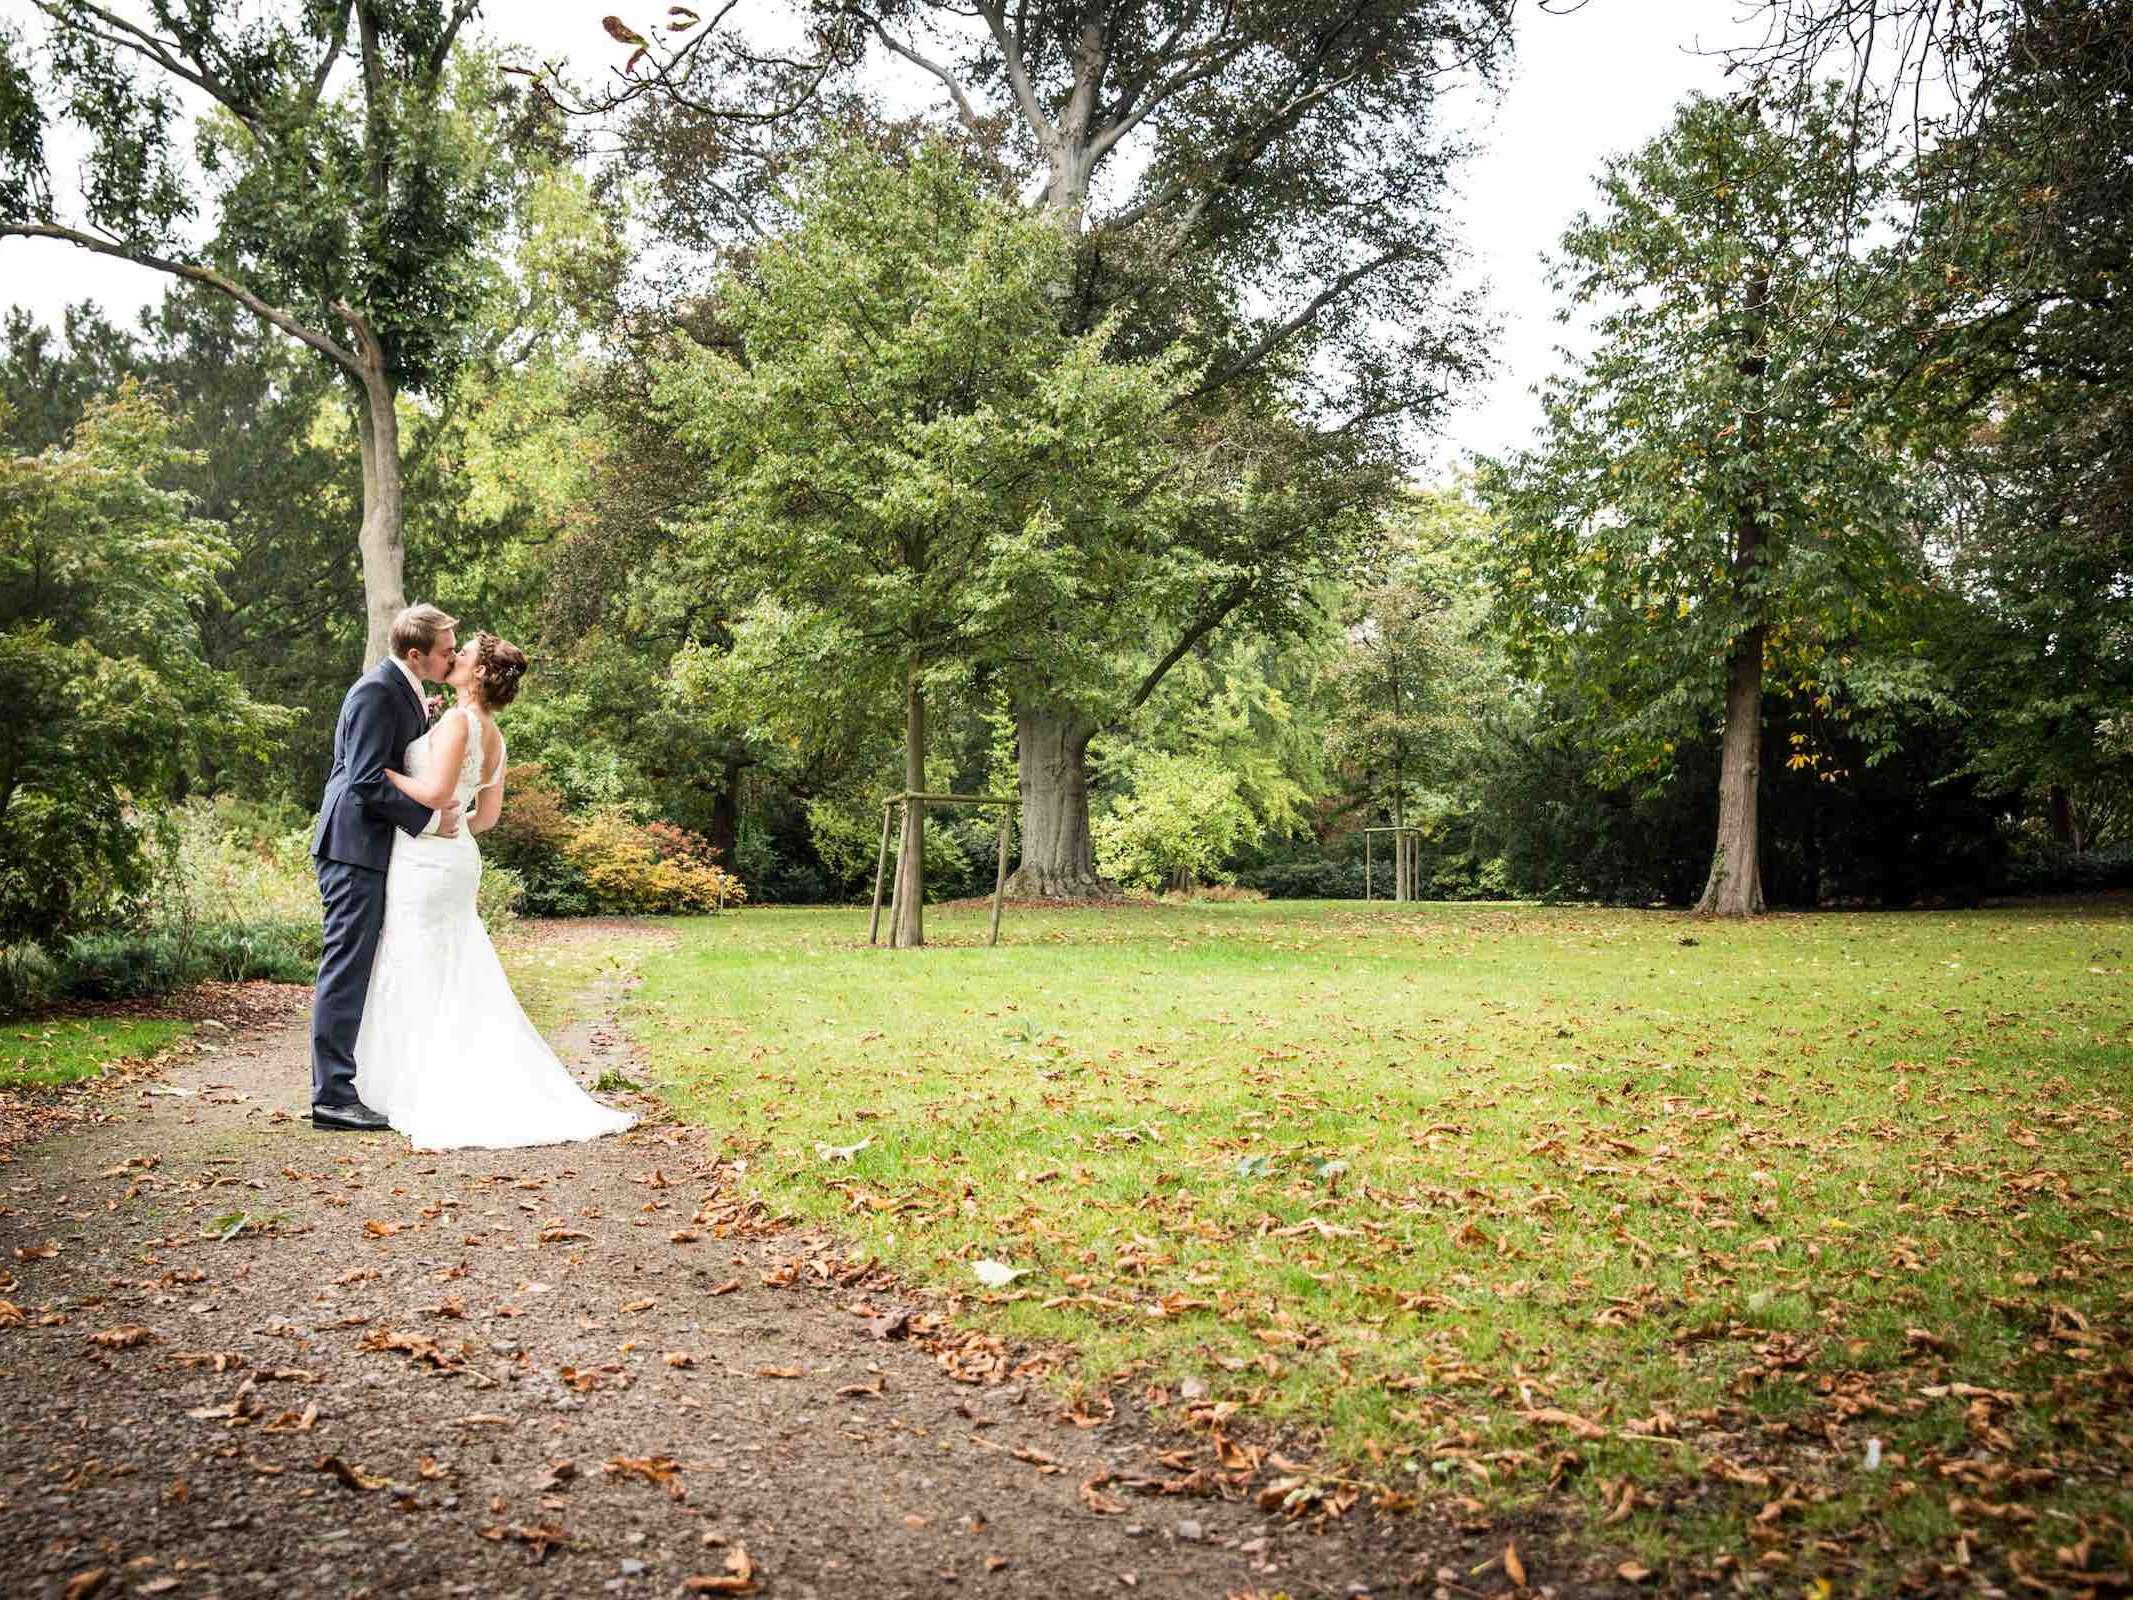 Hochzeitsfotograf | Hannover | Hildesheim | Celle | Peine | Fotograf | Braunschweig Hochzeit | Hochzeitsfotografie | Hochzeitsreportage | Fotografie | Mieten | Buchen | Lehmann | Eventservice